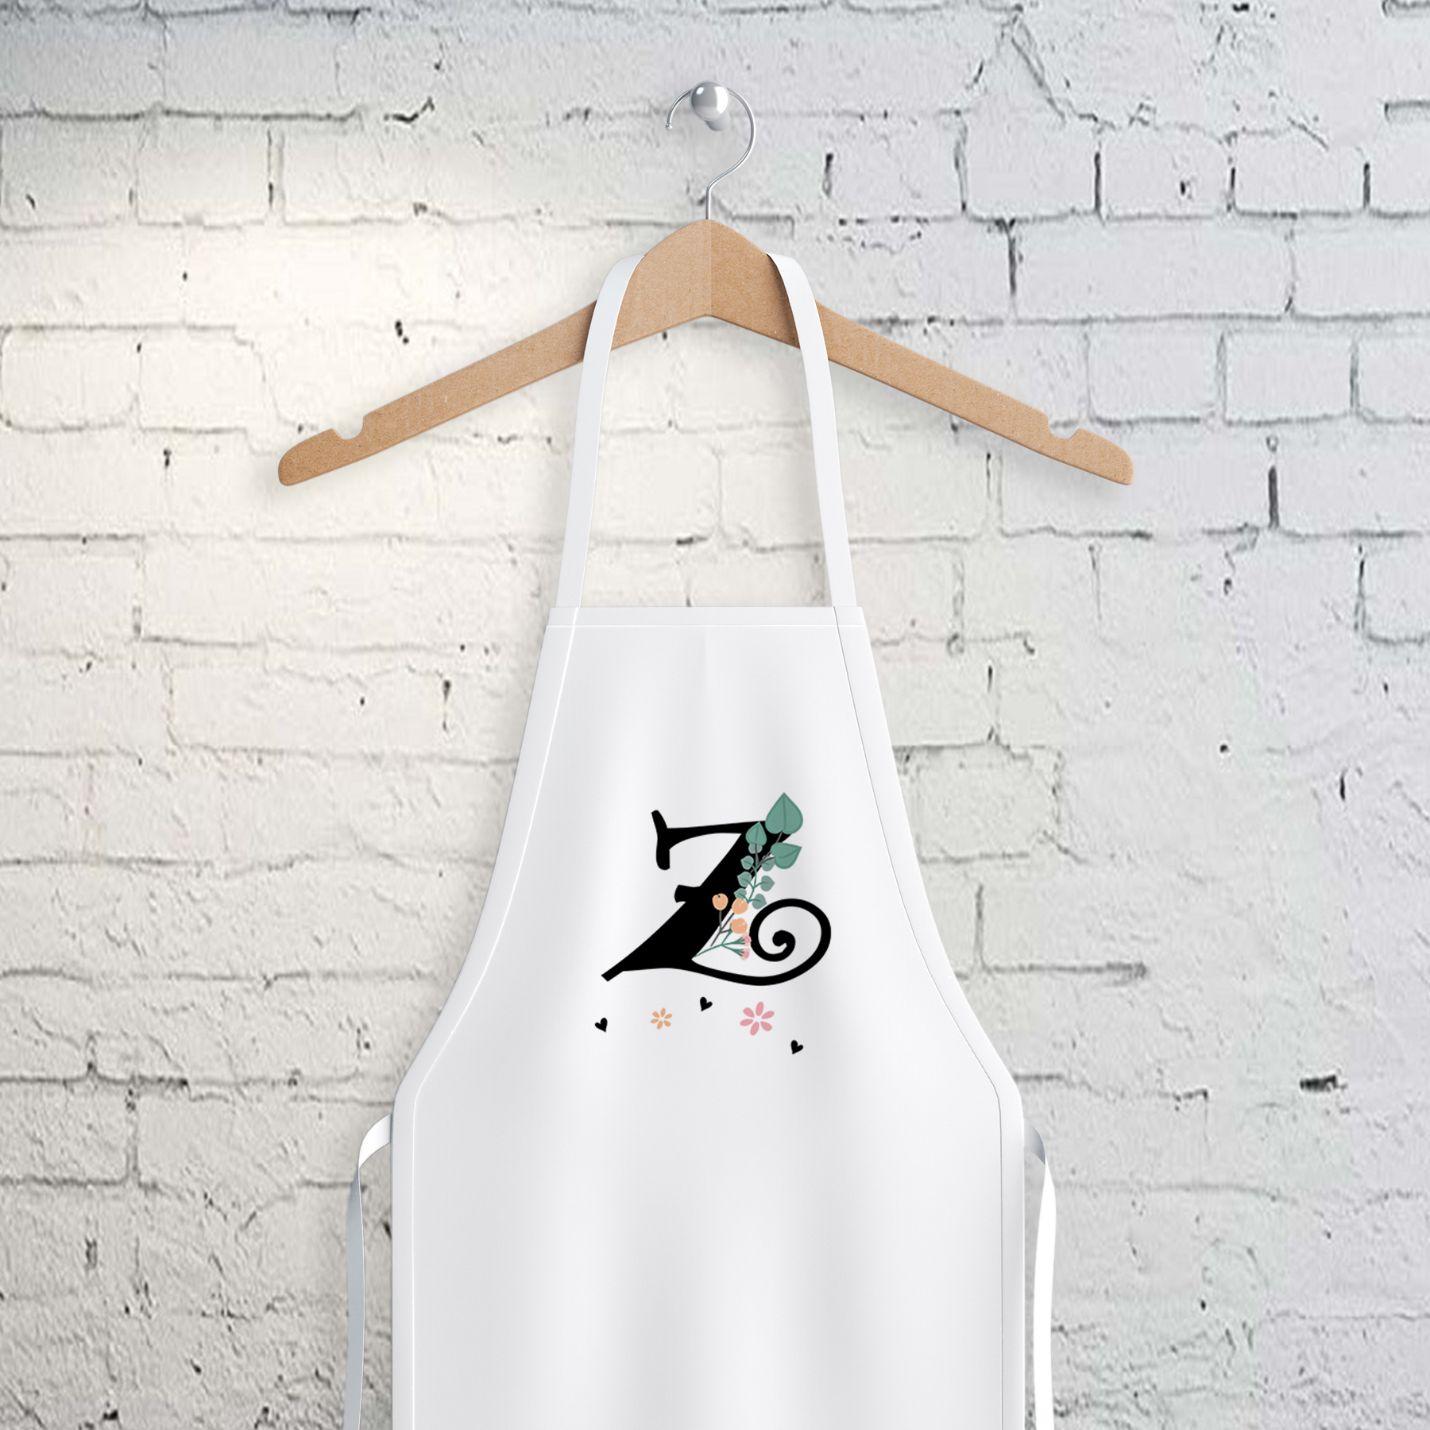 Z Harfi Tasarımlı Mutfak Önlüğü